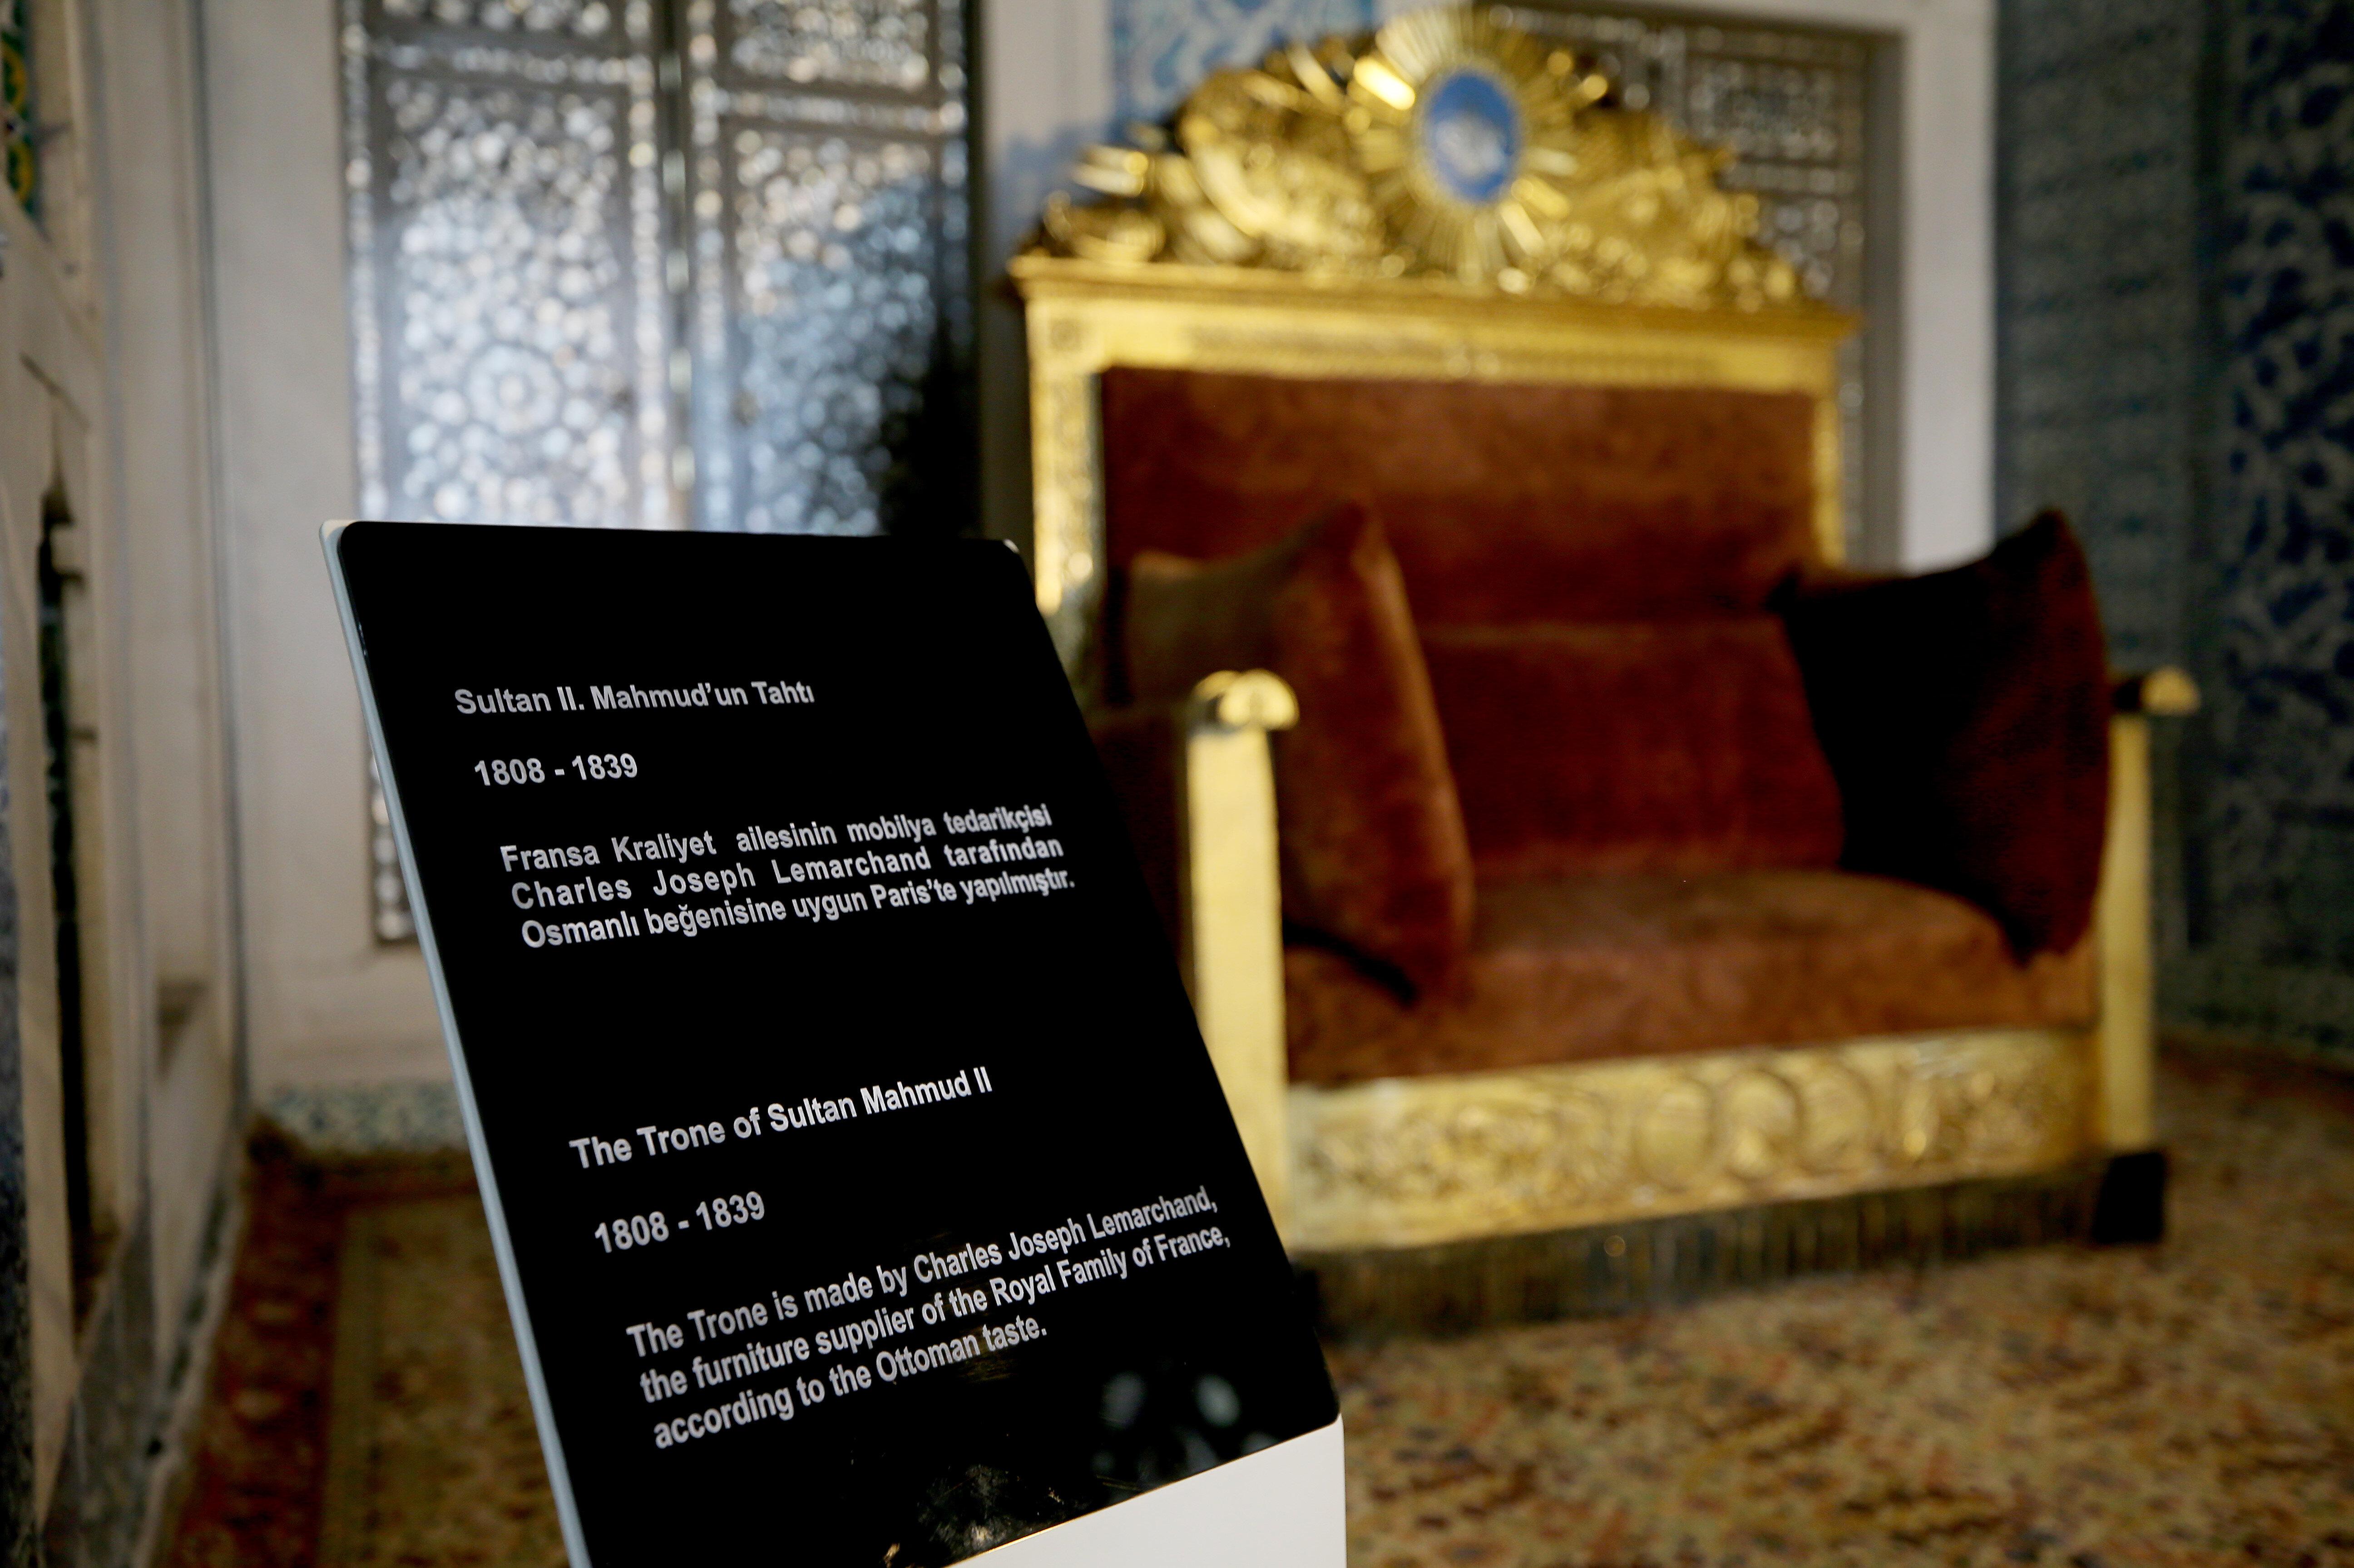 عرض قطع أثرية ثمينة لأول مرة في قصر